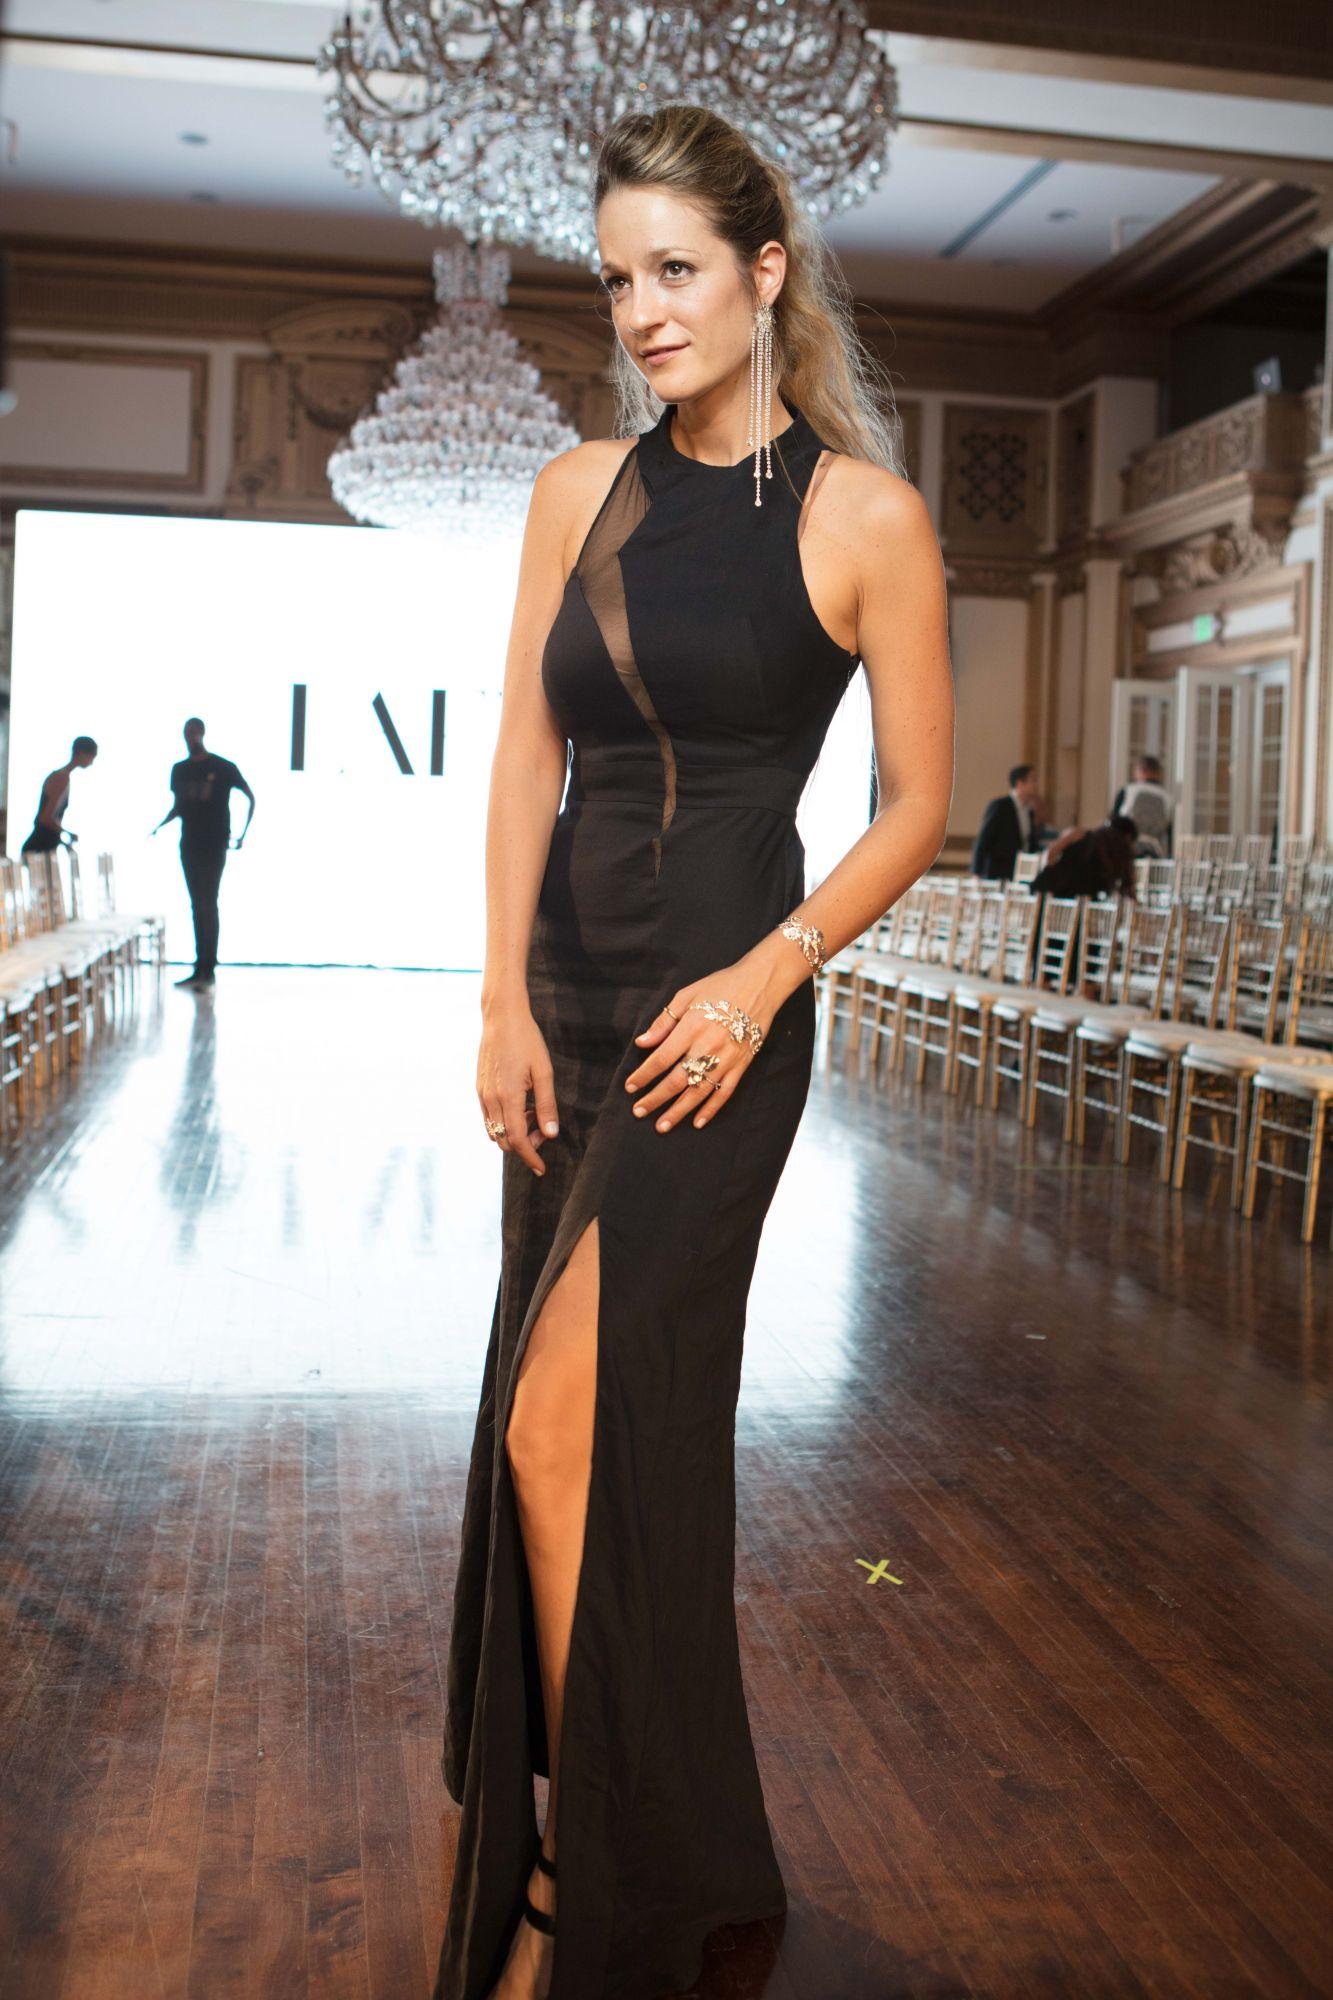 סיבה טובה להחליף שמלה כל יום. שבוע האופנה לוס אנג'לס. צילום: Michael Benedict, שמלה: יוסף. איפור: Total-Glam שיער: Jeff Wacker, תכשיטים: עדי רפאל